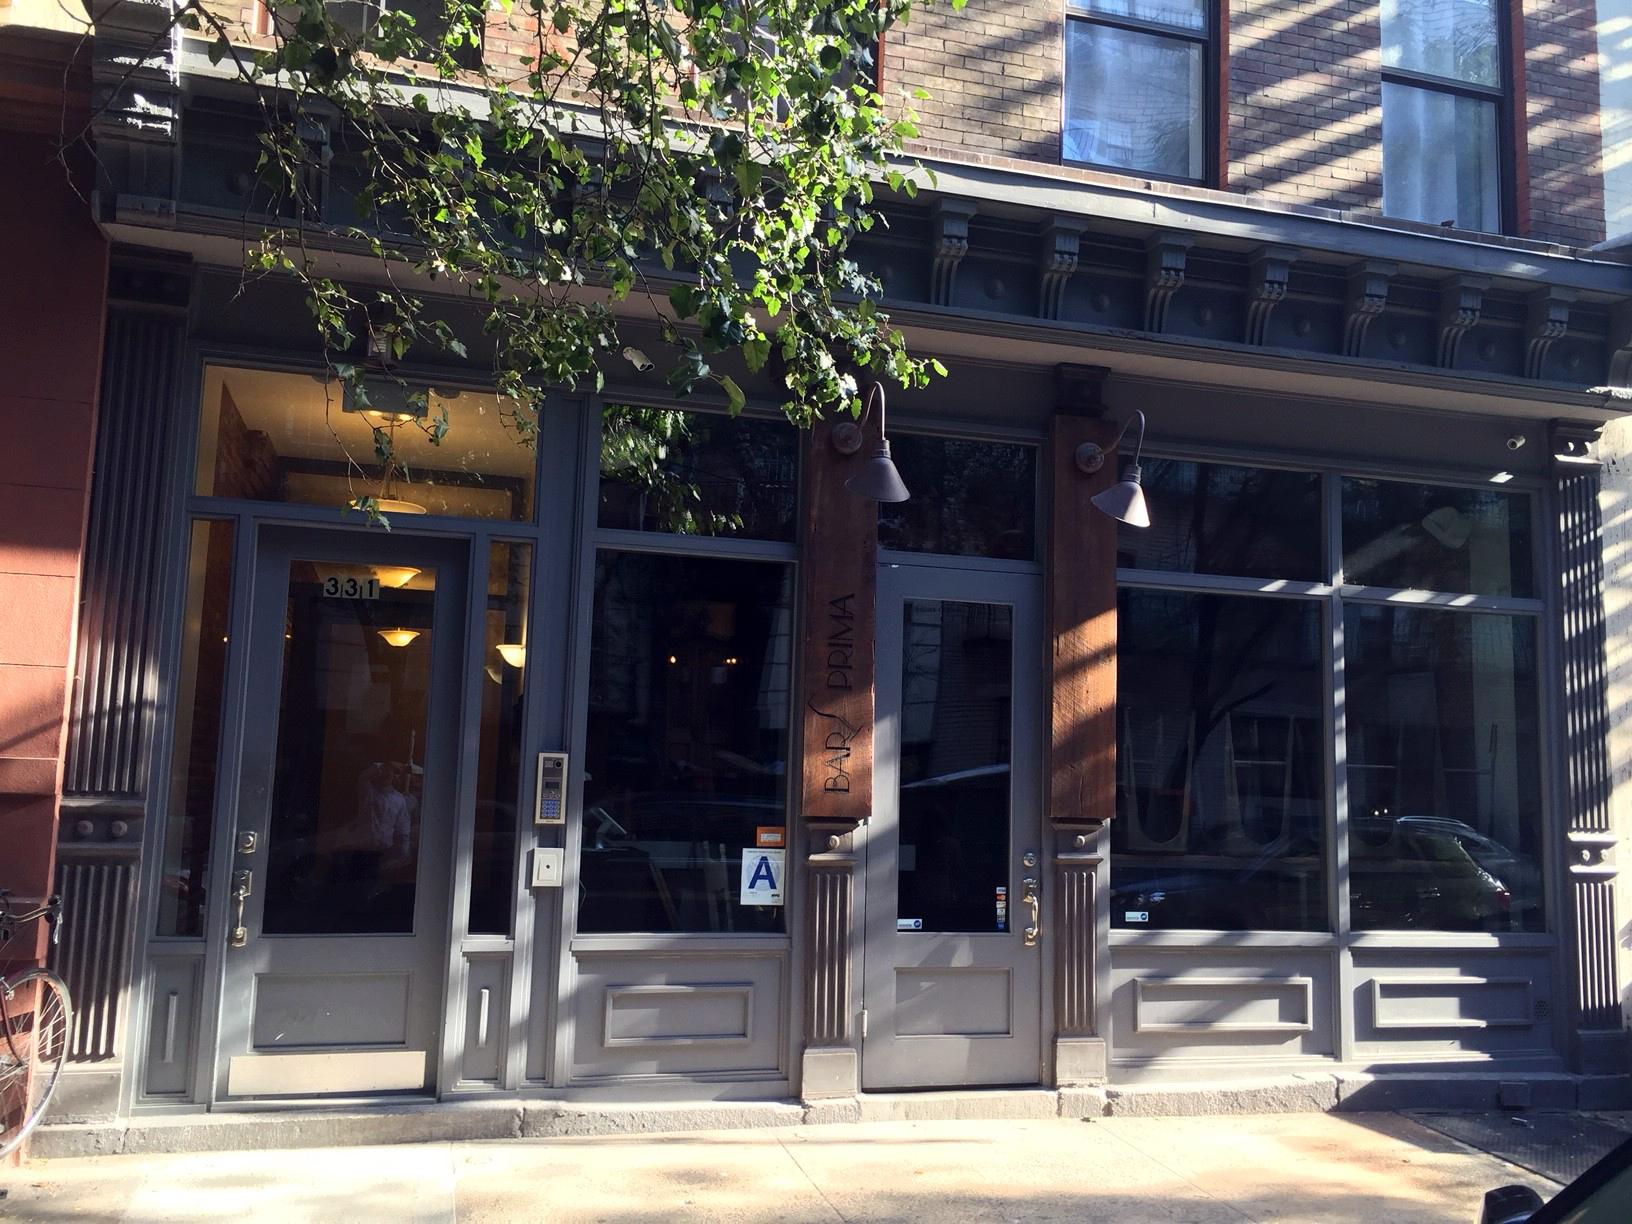 331 East 81st Street